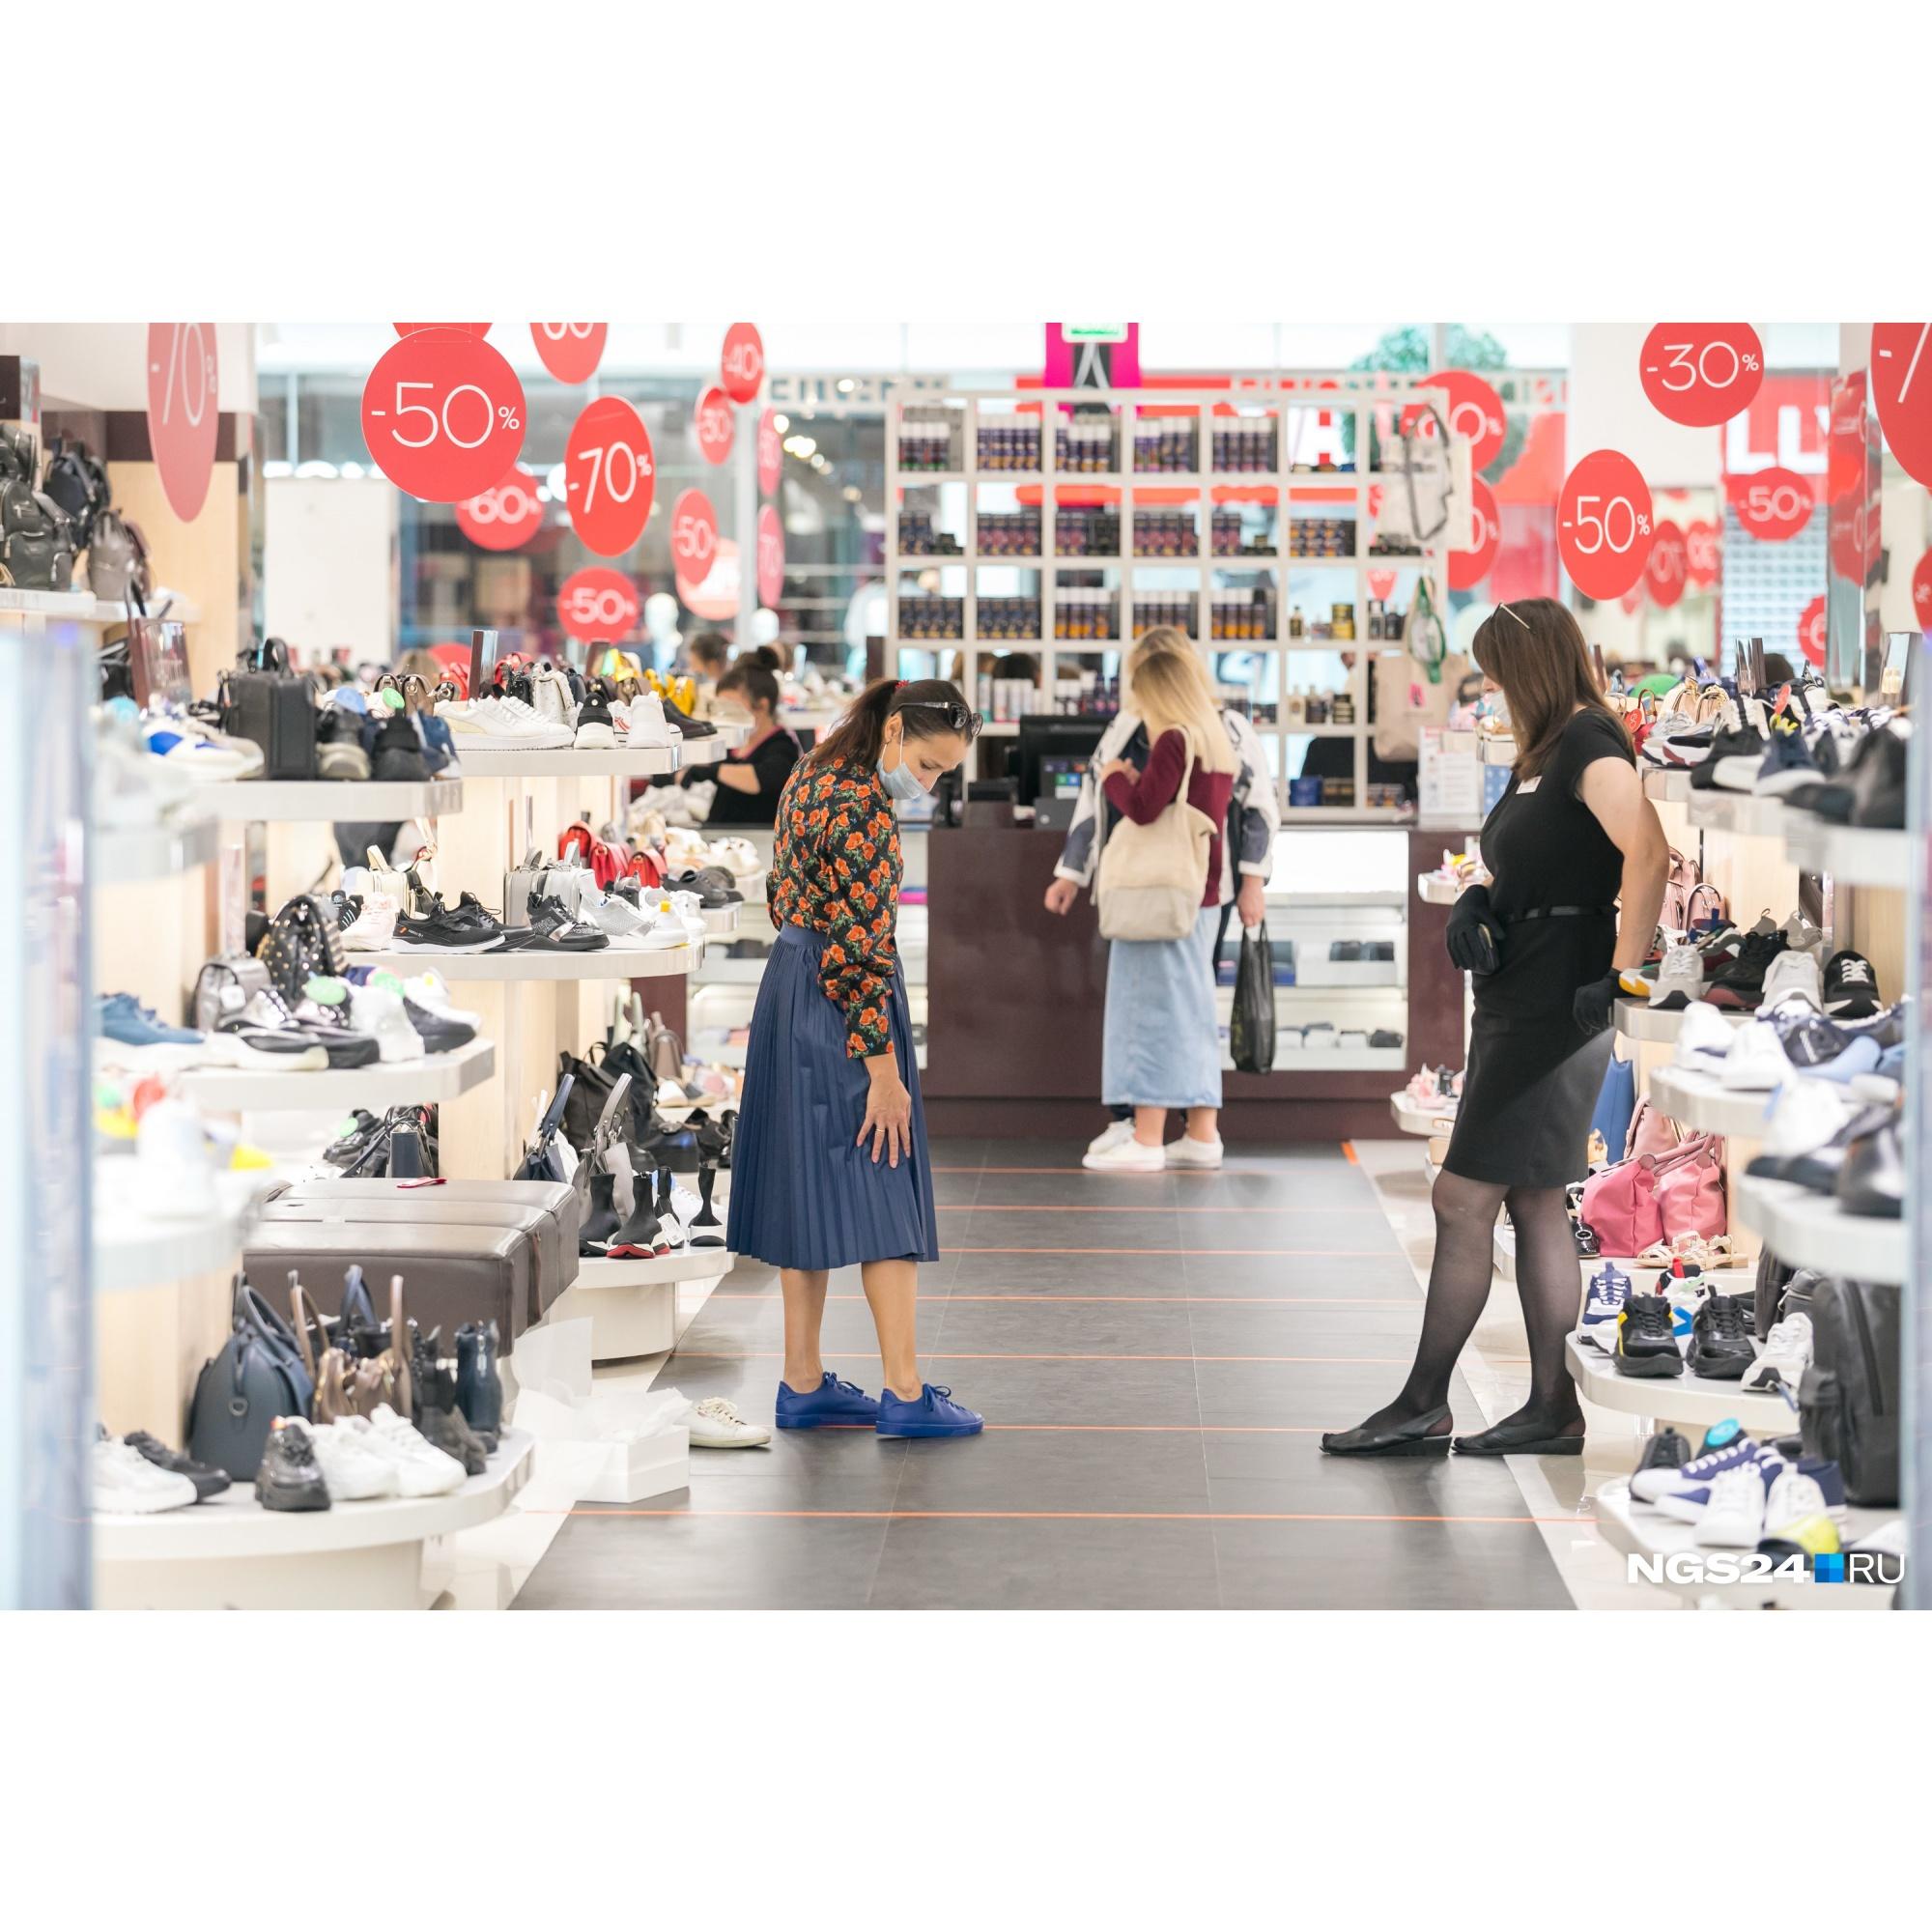 Первый день открытия торговых центров для посетителей после самоизоляции